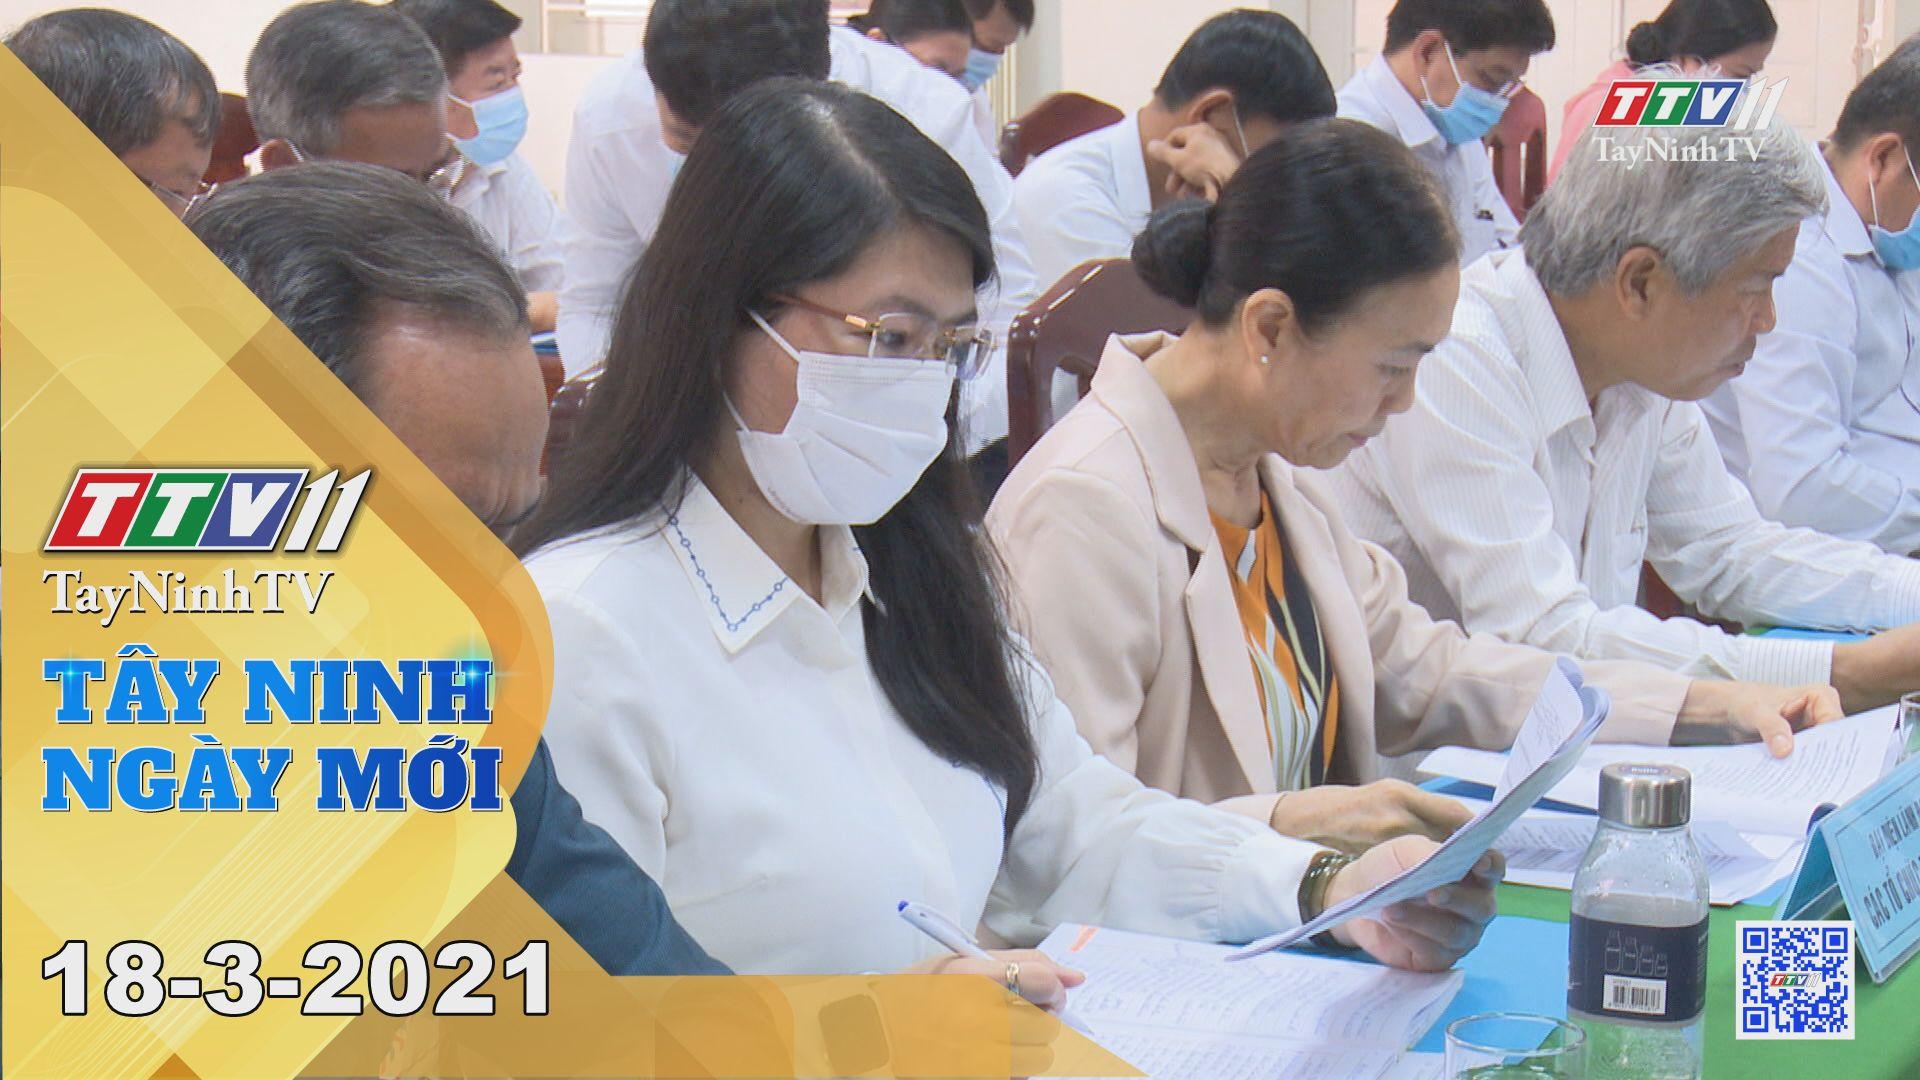 Tây Ninh Ngày Mới 18-3-2021 | Tin tức hôm nay | TayNinhTV